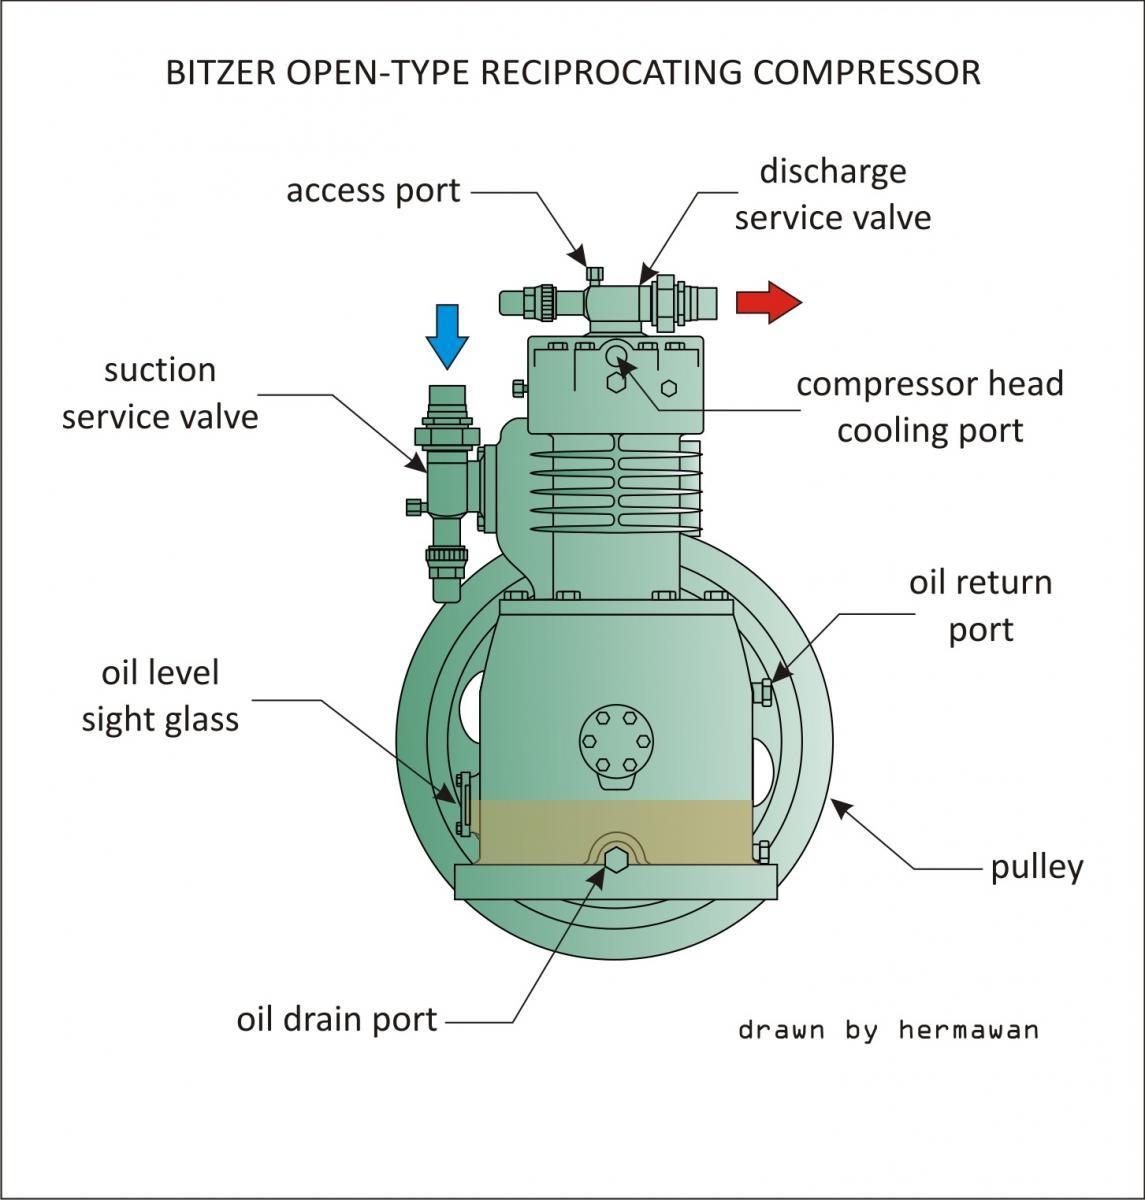 bitzer open type reciprocating compressor